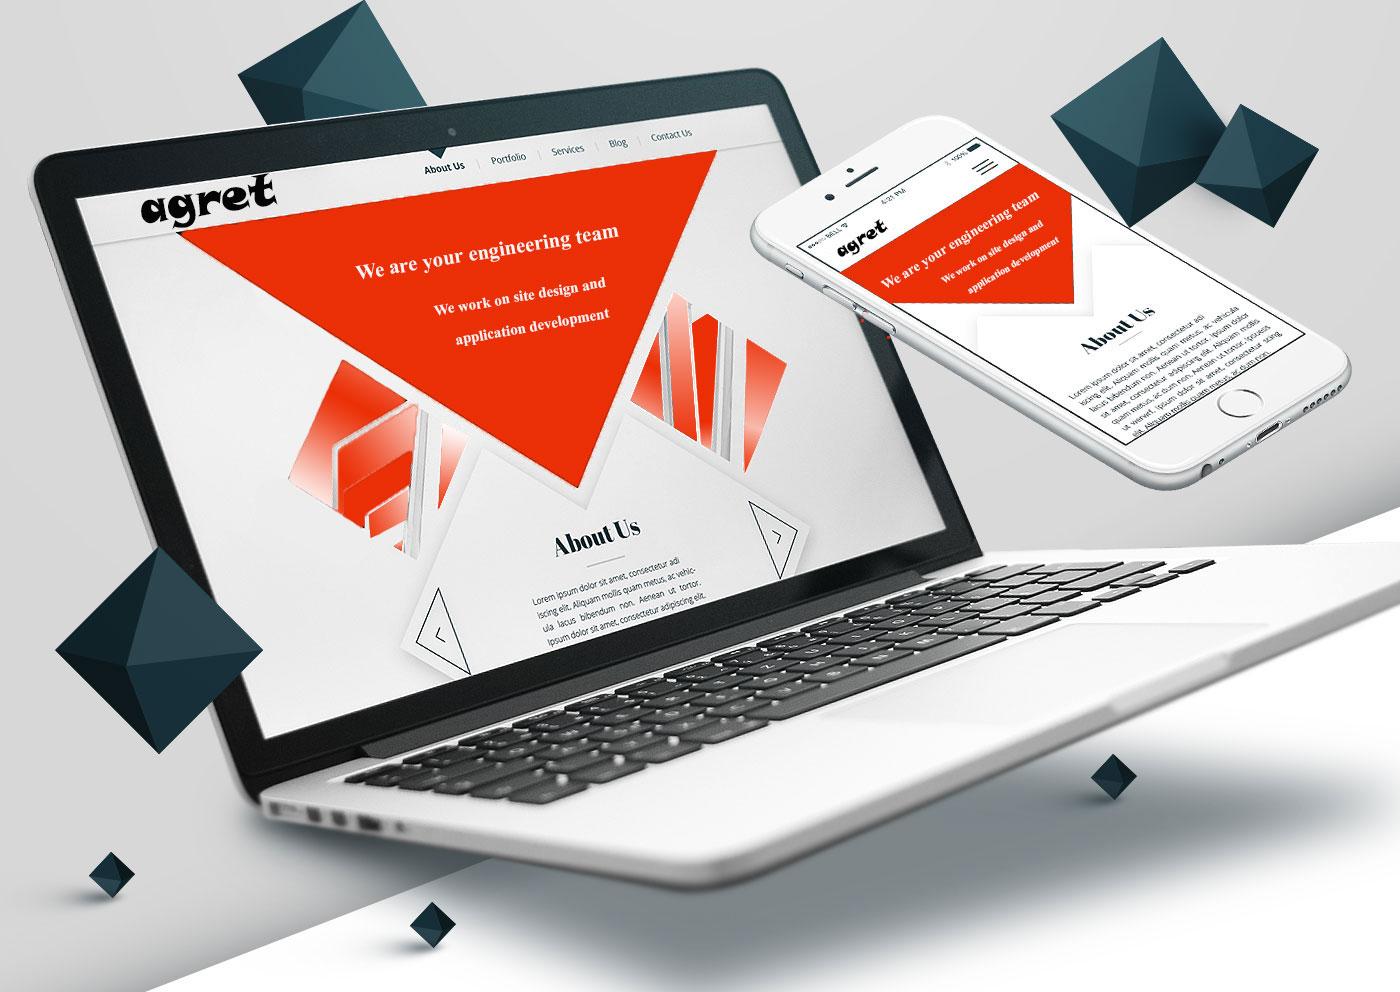 طراحی و تولید سایت